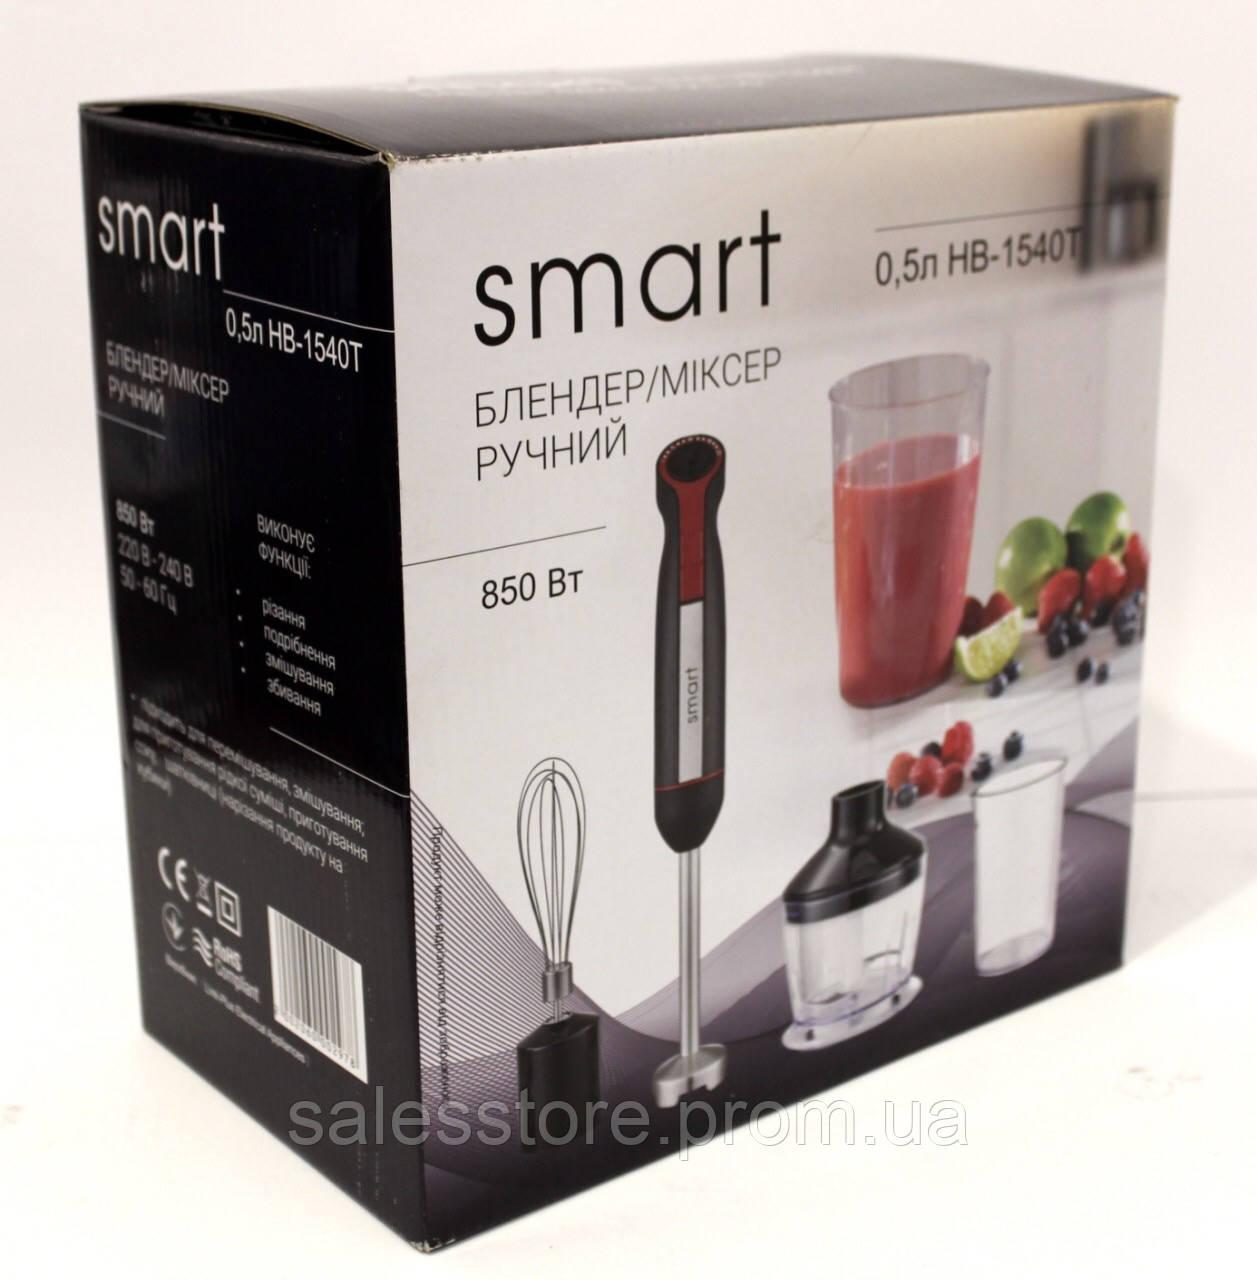 Блендер погружной в наборе 3 в 1 Смарт Smart HB-1540T set